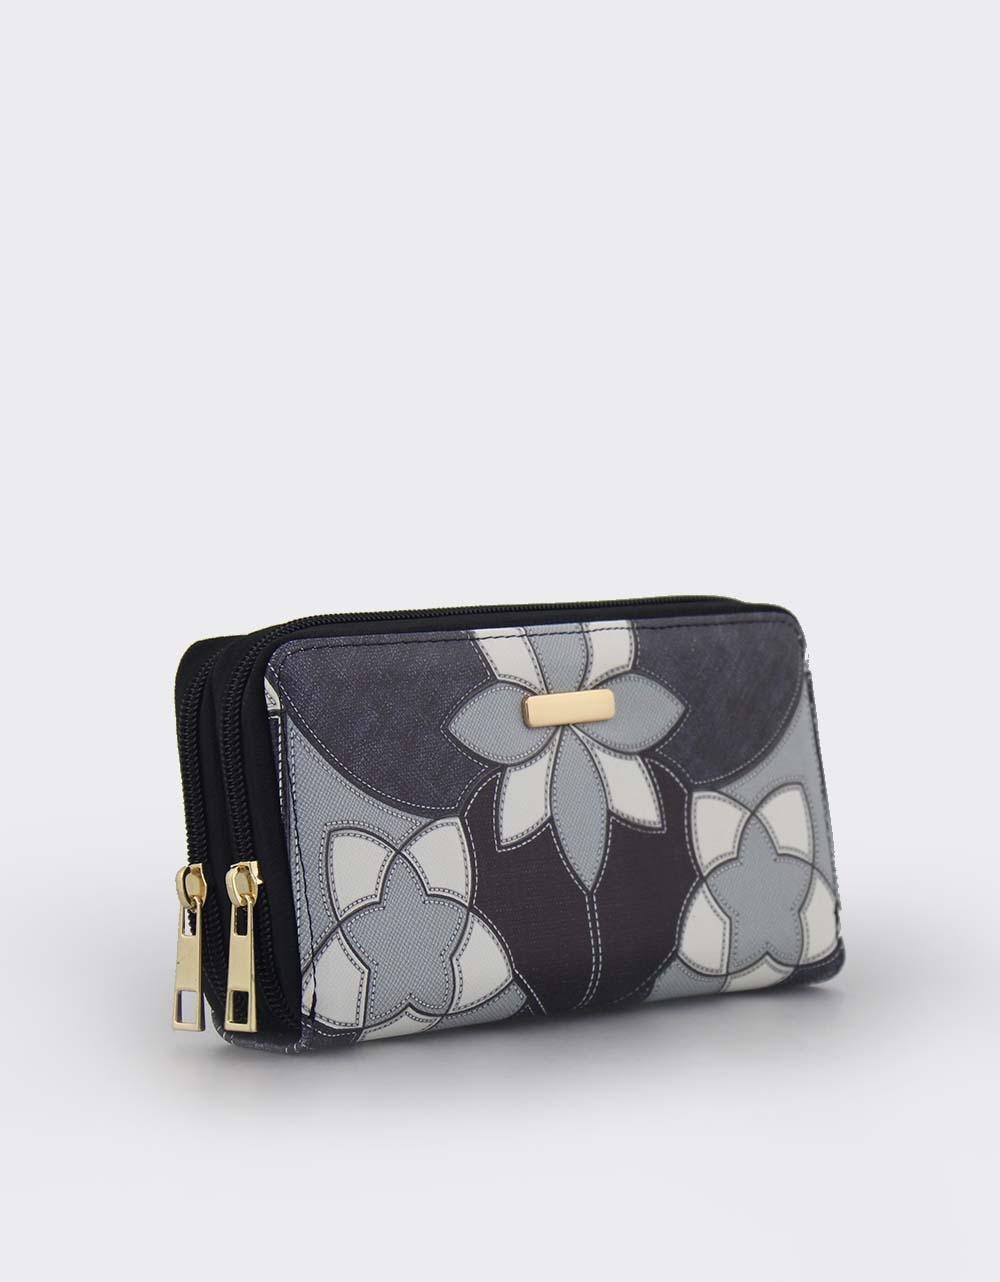 Εικόνα από Γυναικεία πορτοφόλια με σχέδια Μαύρο